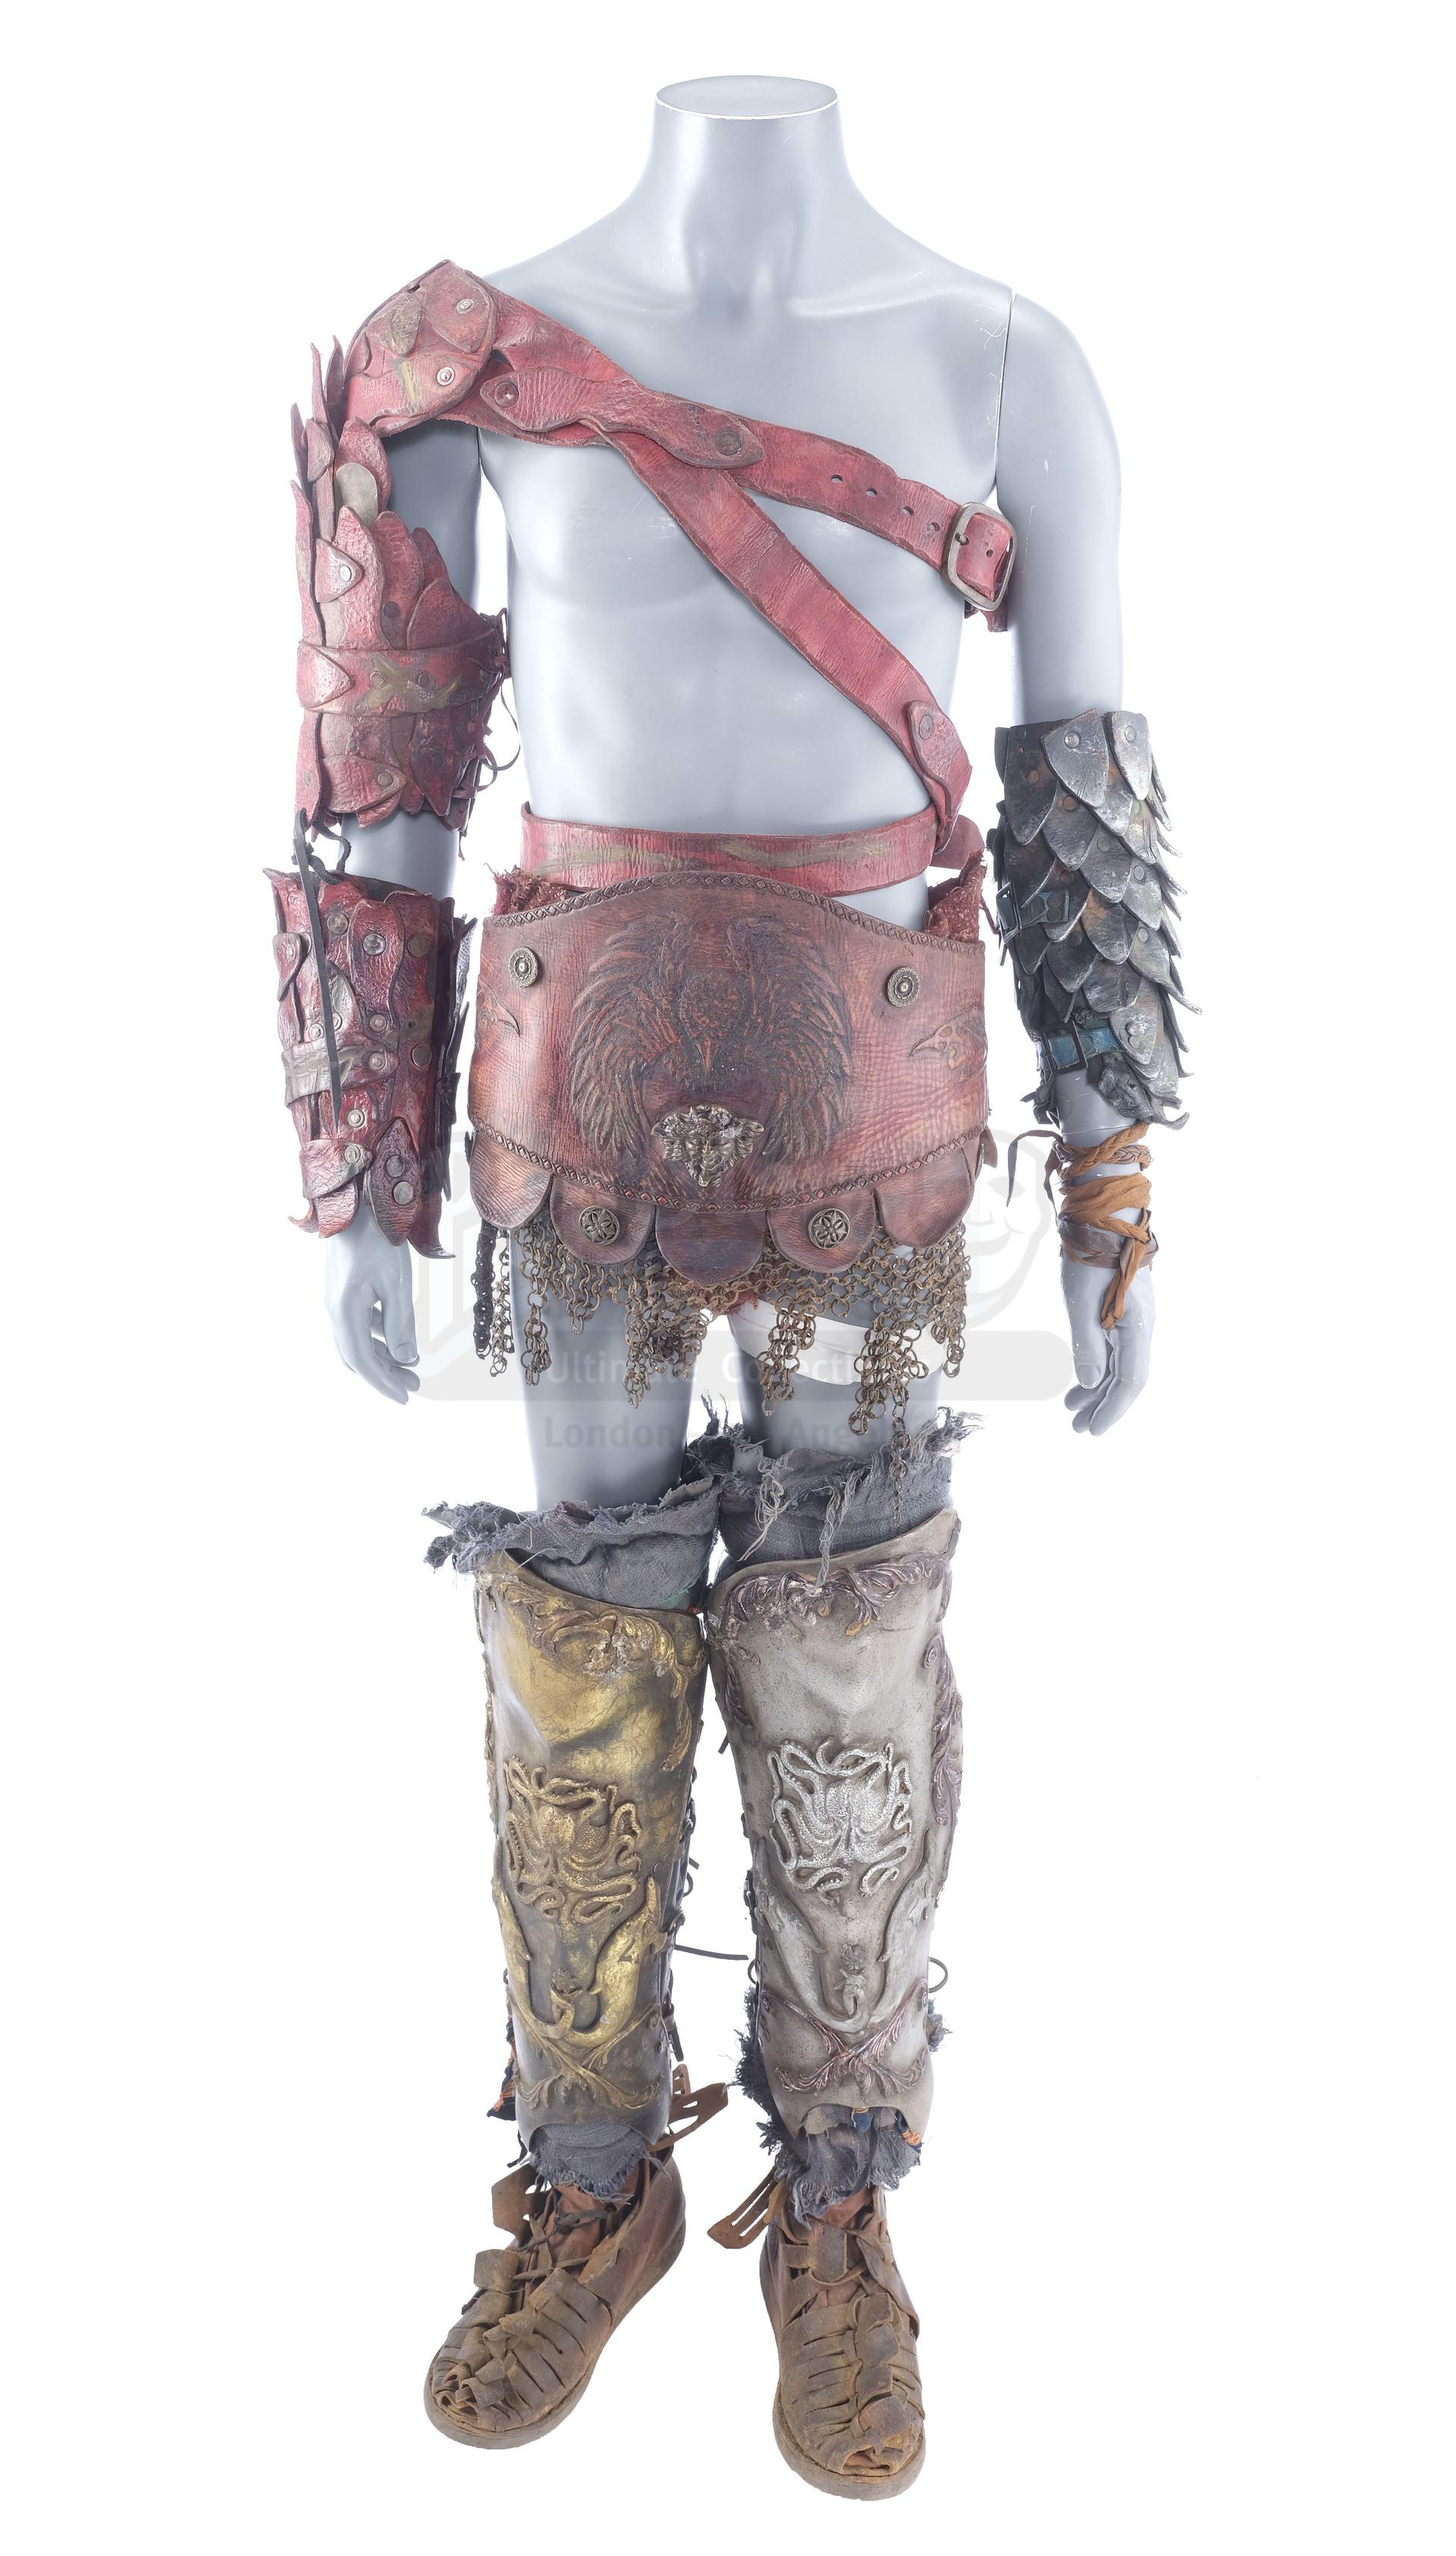 Lot # 1037: SPARTACUS - Crixus' (Manu Bennett) Battle Armor